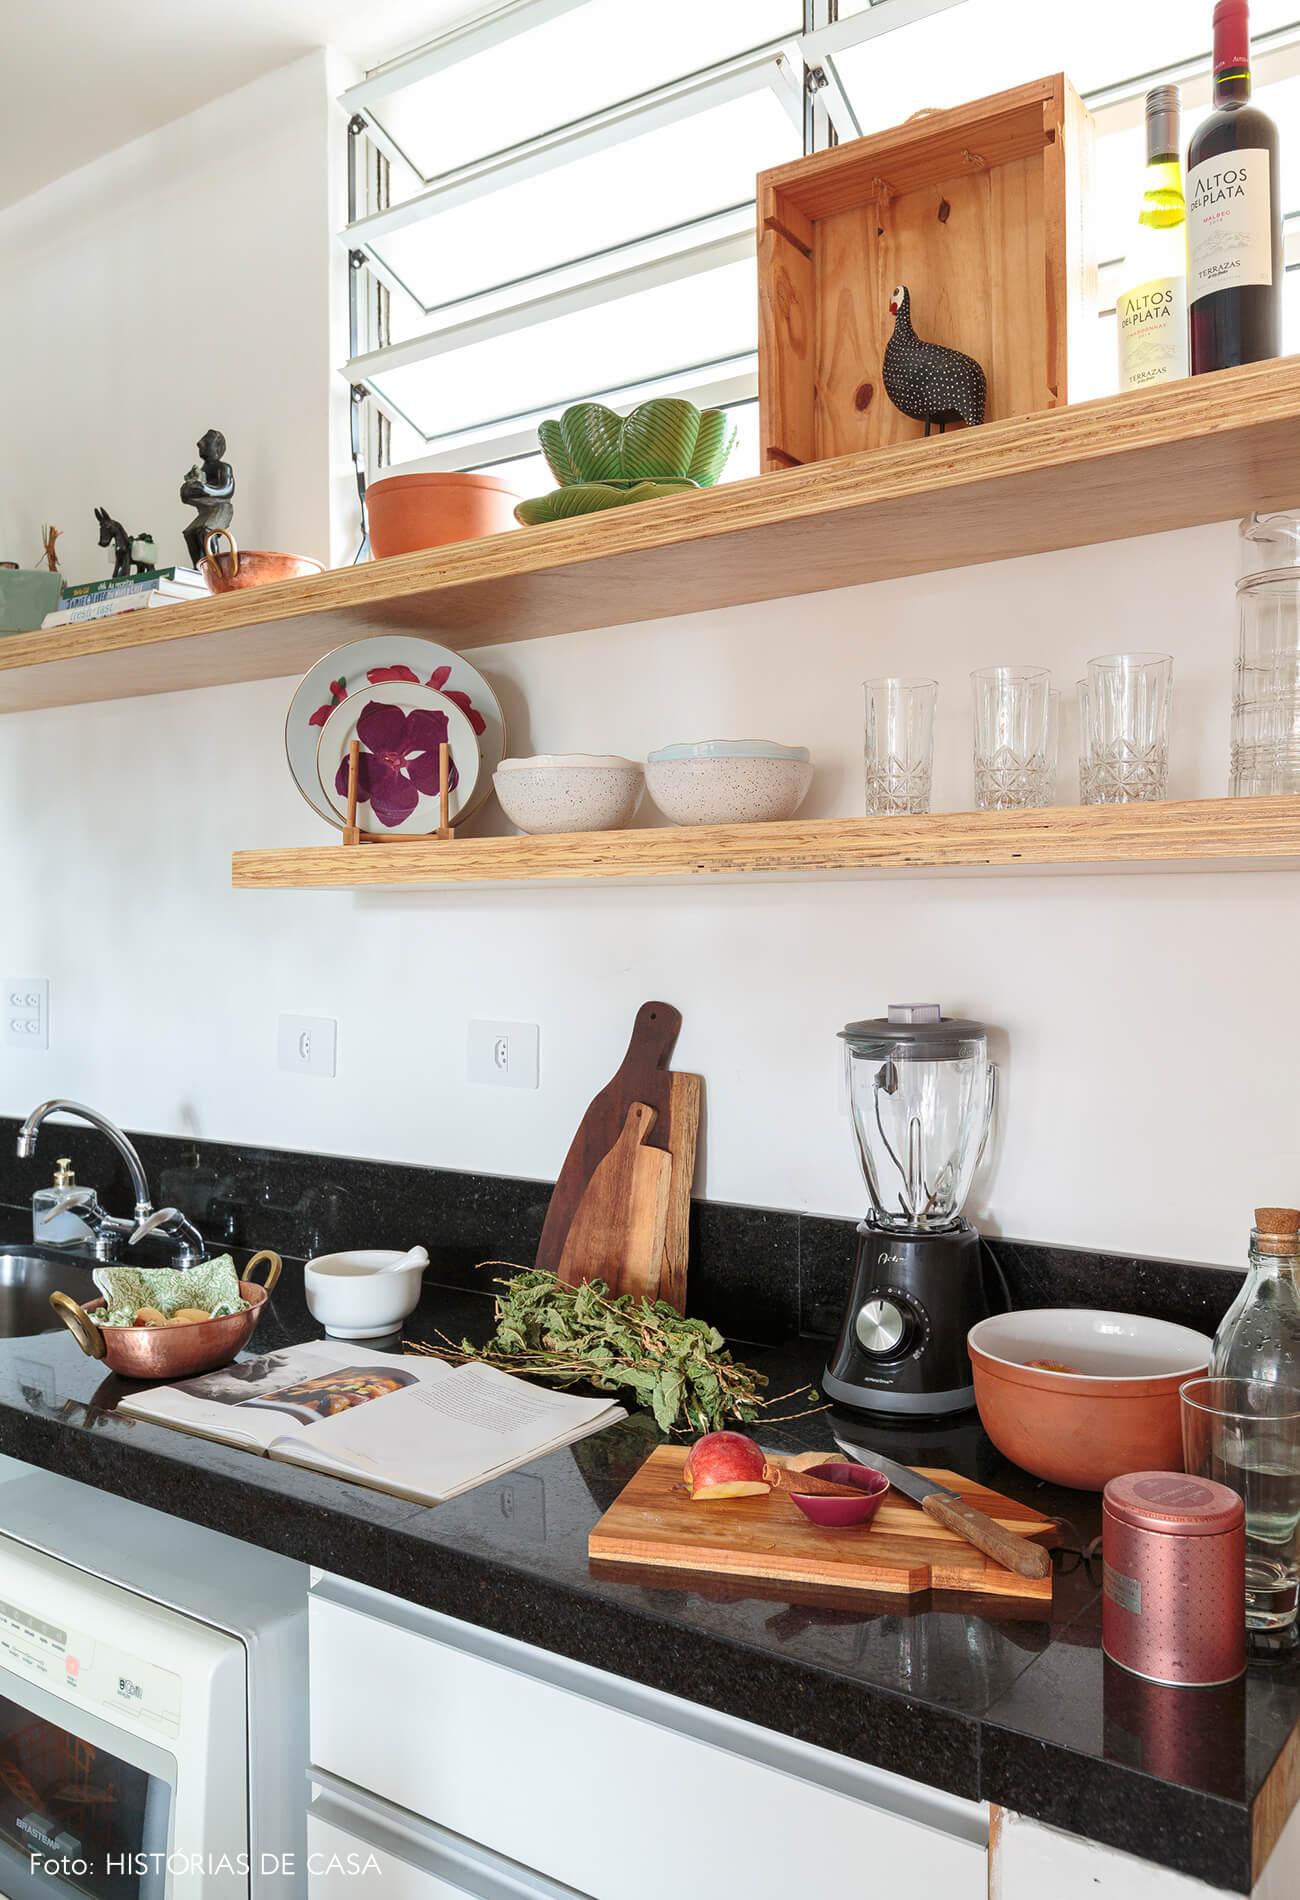 detalhe-cozinha-granito-preto-pia-tabuas-madeira-prateleiras-madeira-clara